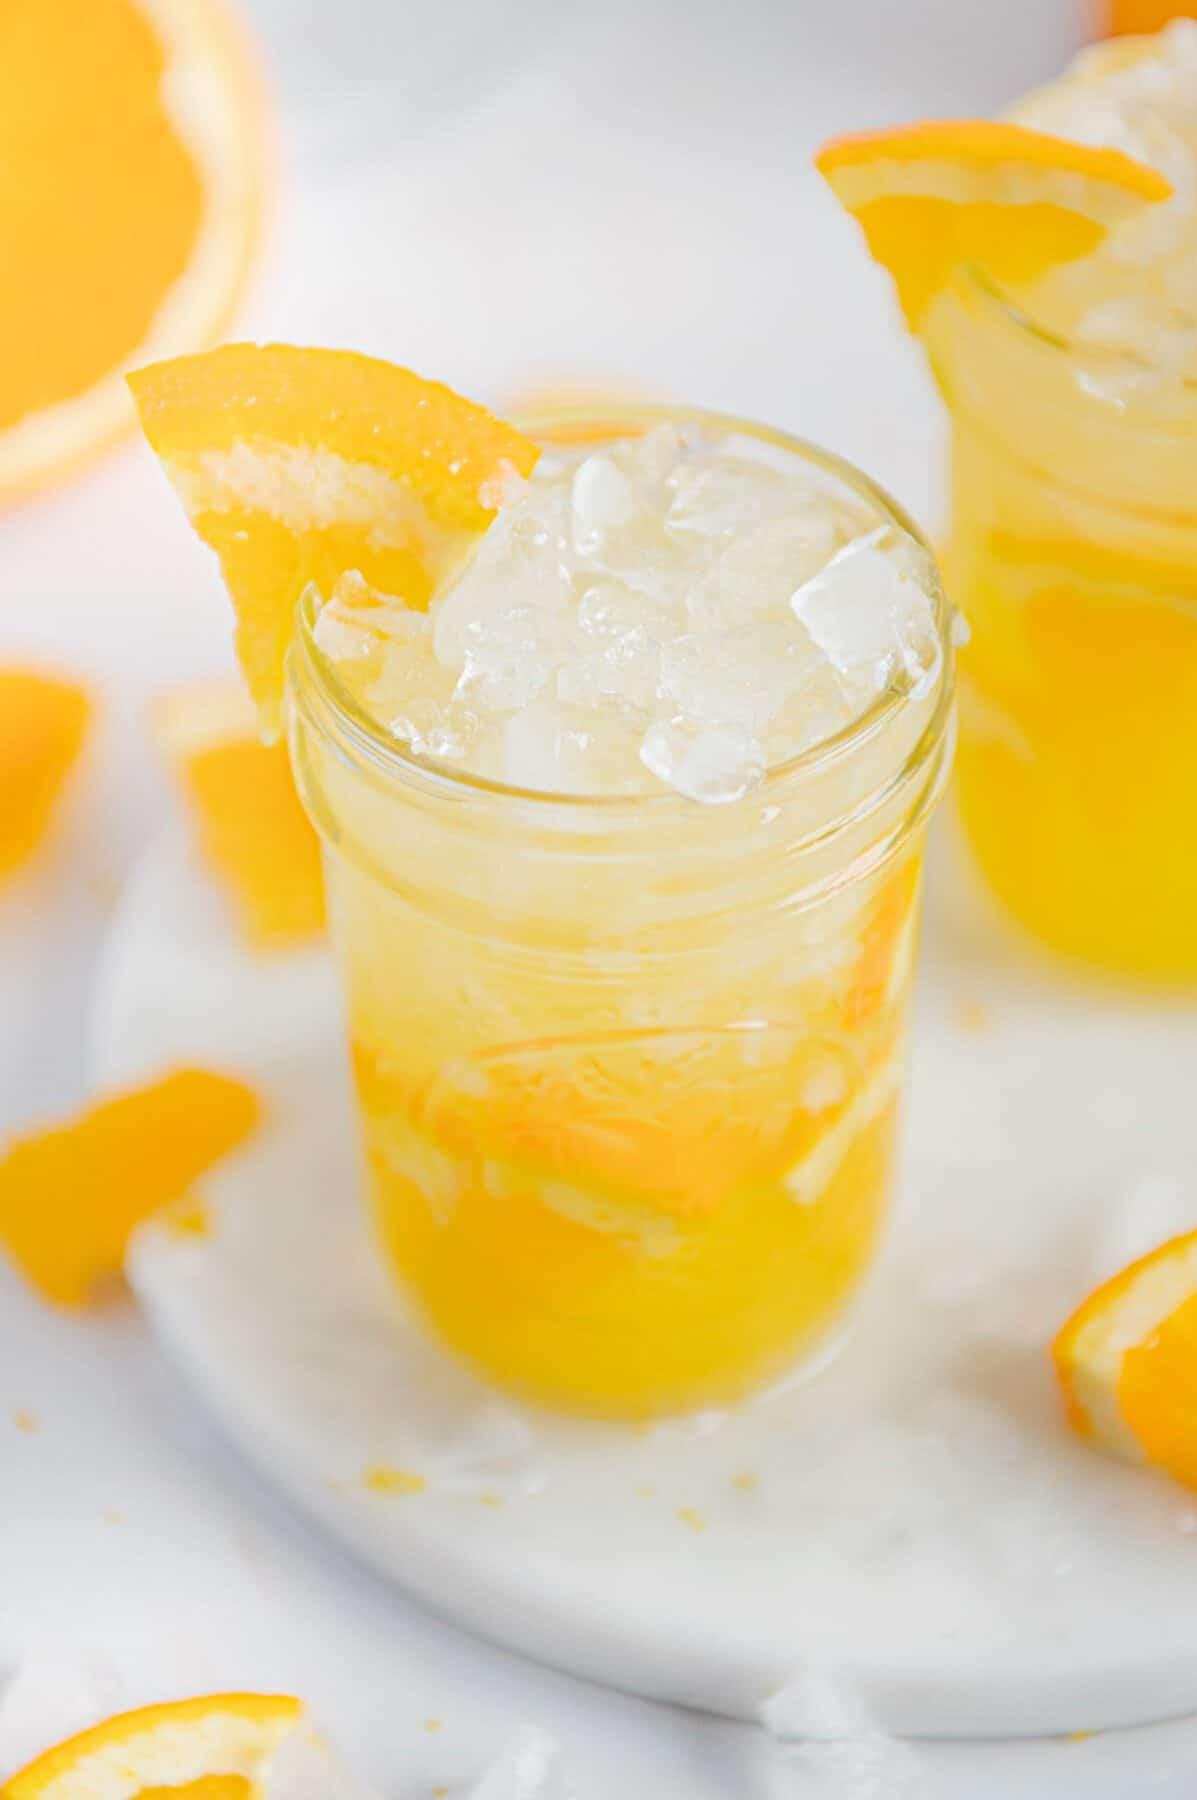 Best Orange Crush Cocktail Recipe [gluten-free + refined sugar-free]